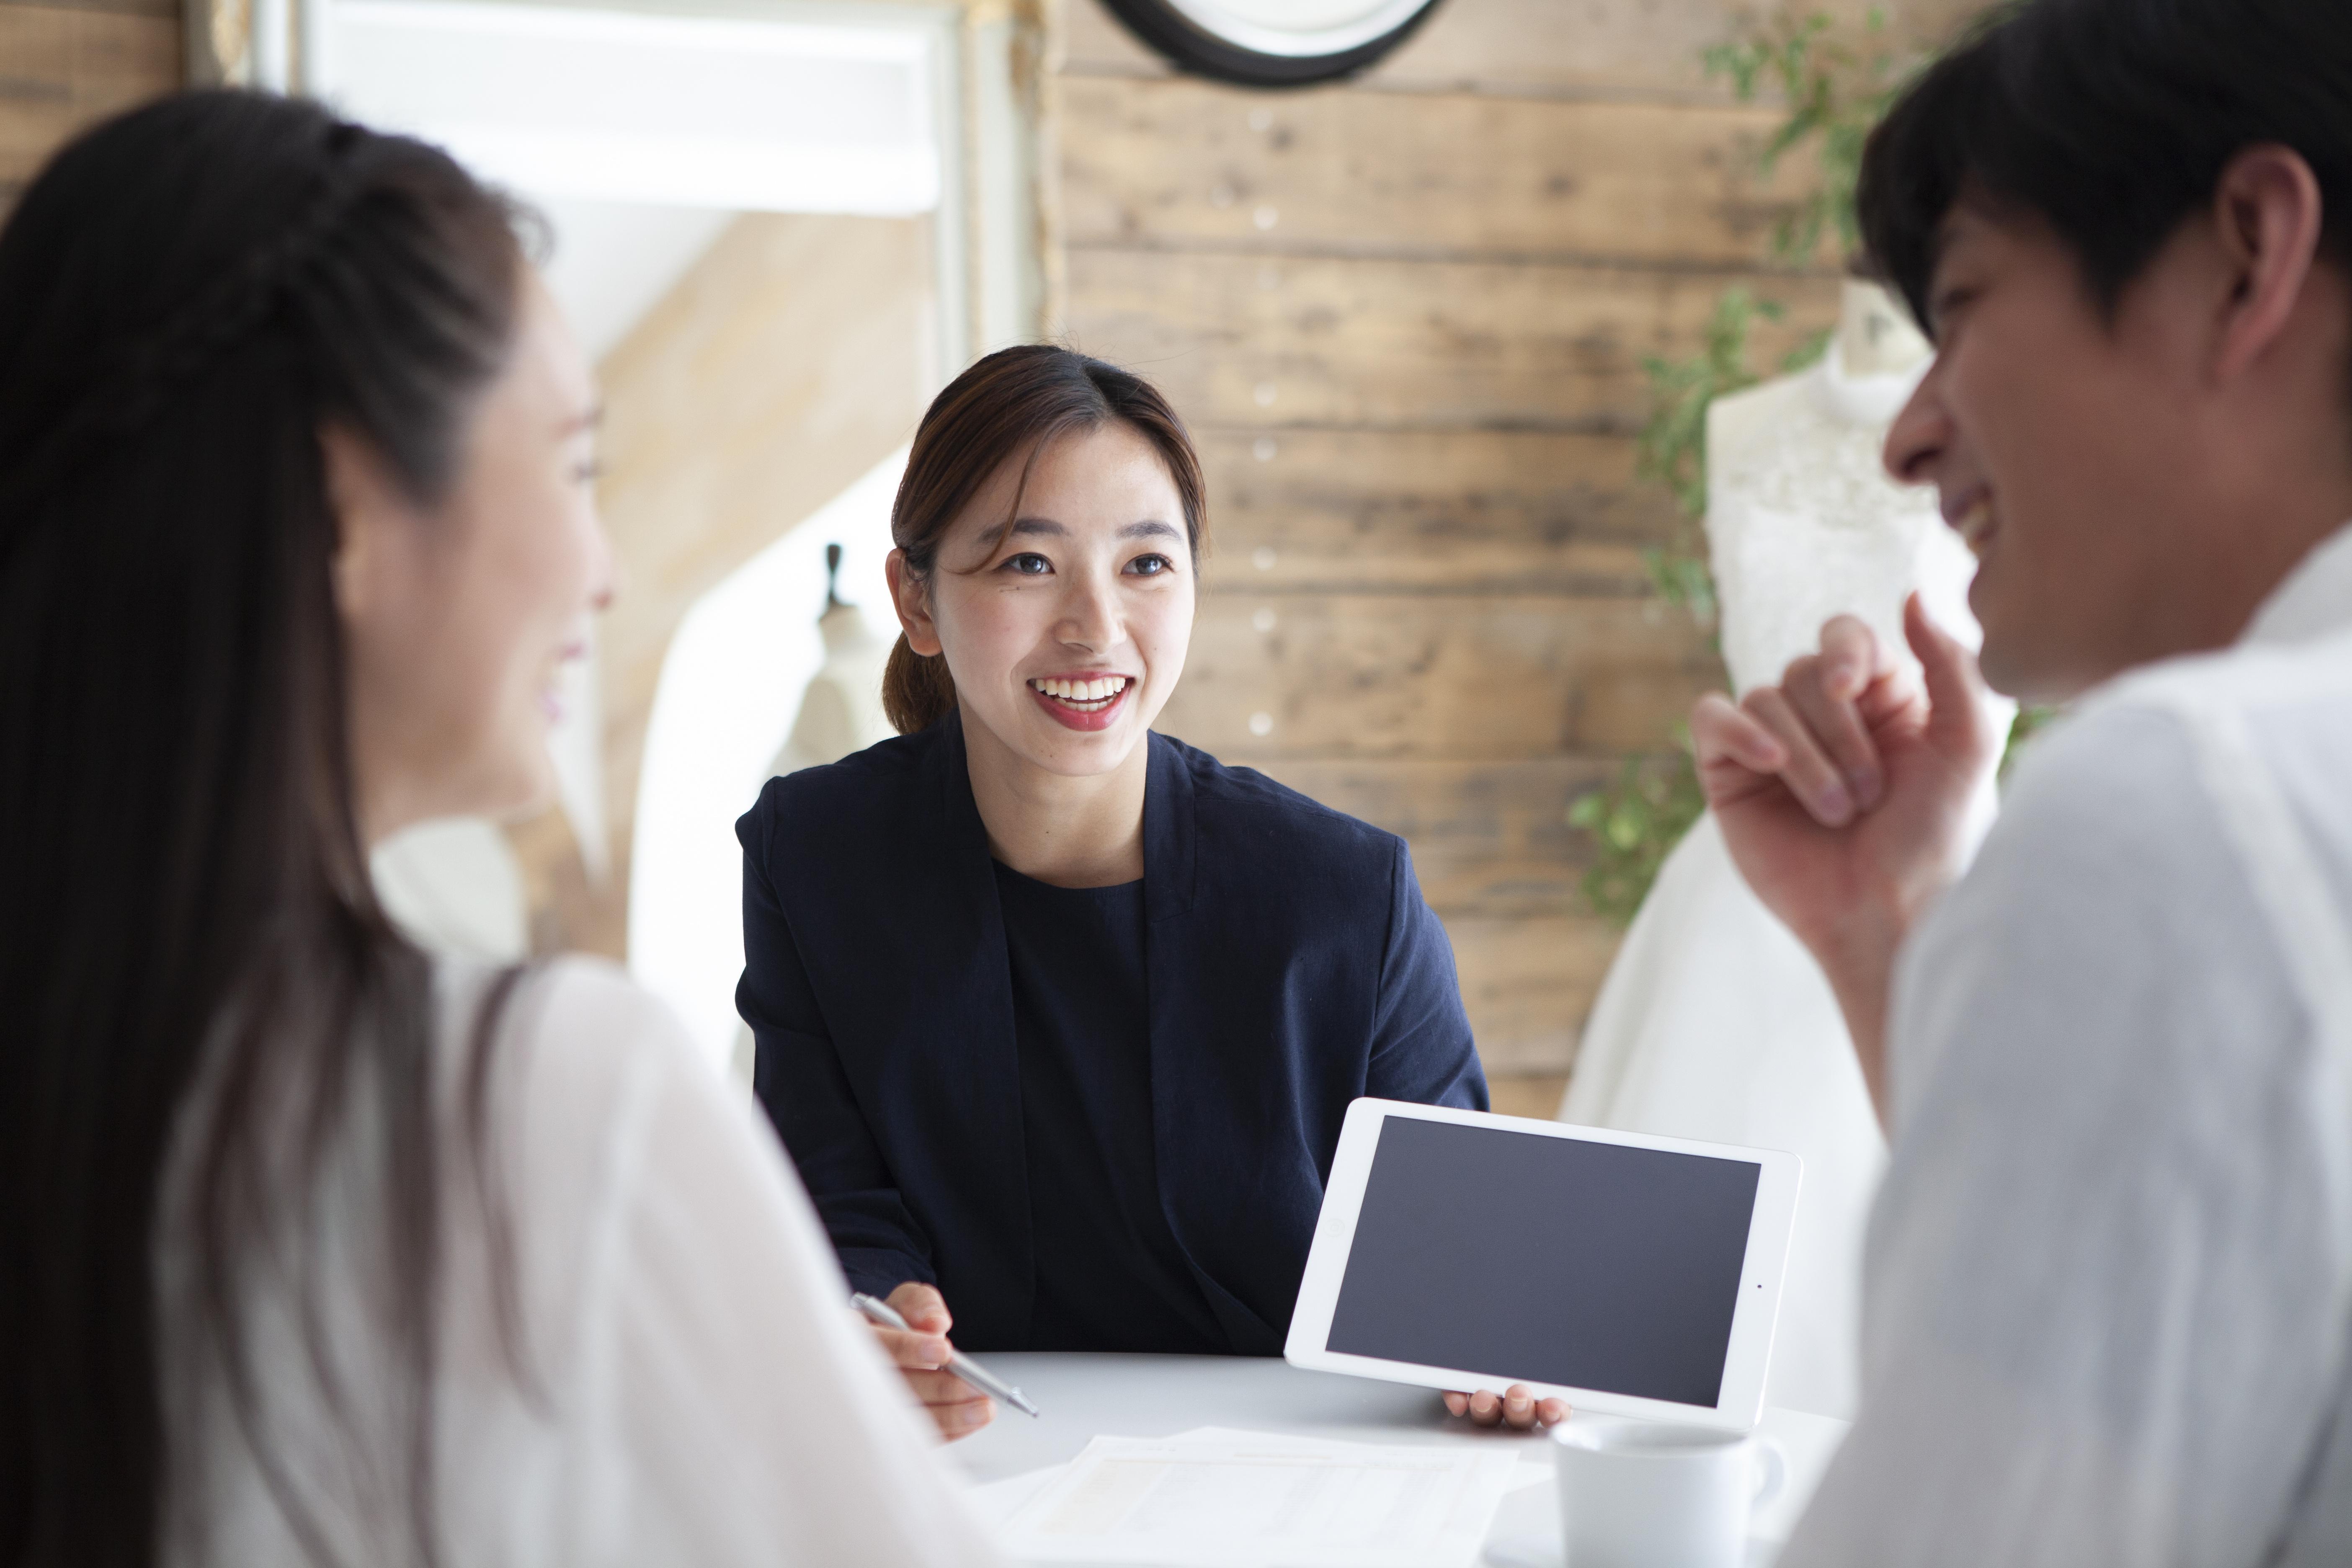 紹介系の副業は効率的に稼げる?紹介系副業の内容やコツについて